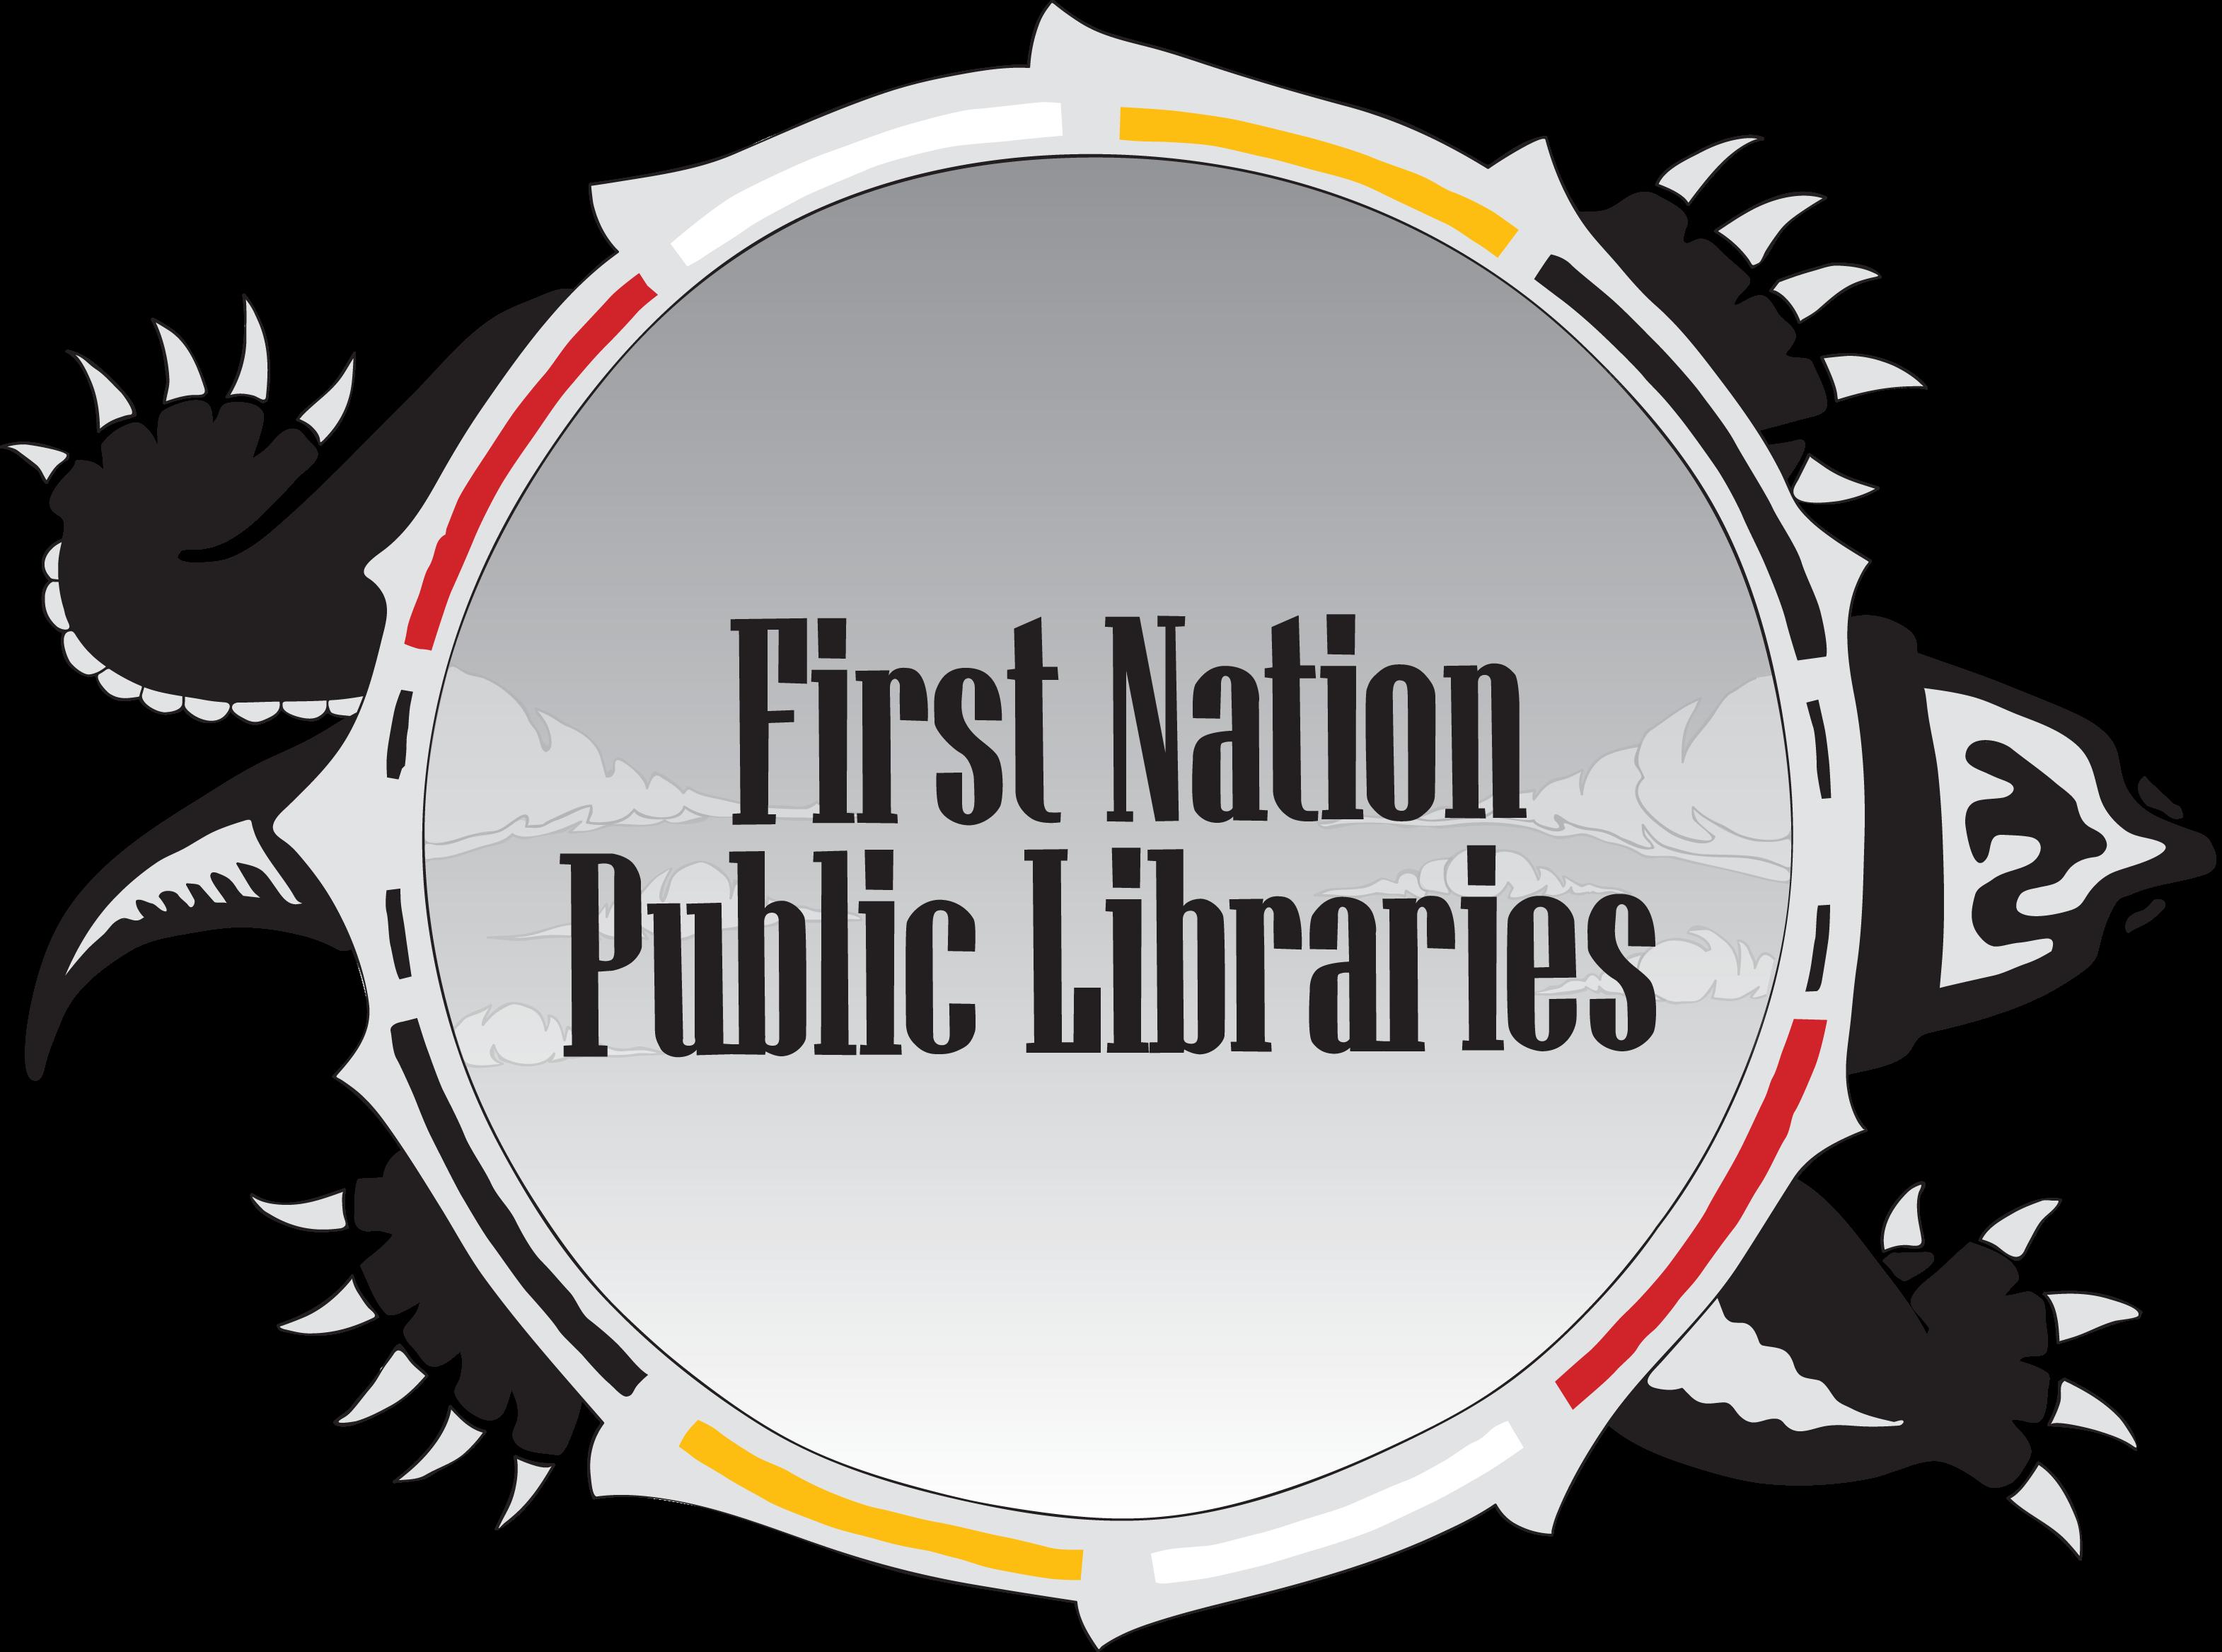 Wikwemikong Public Library